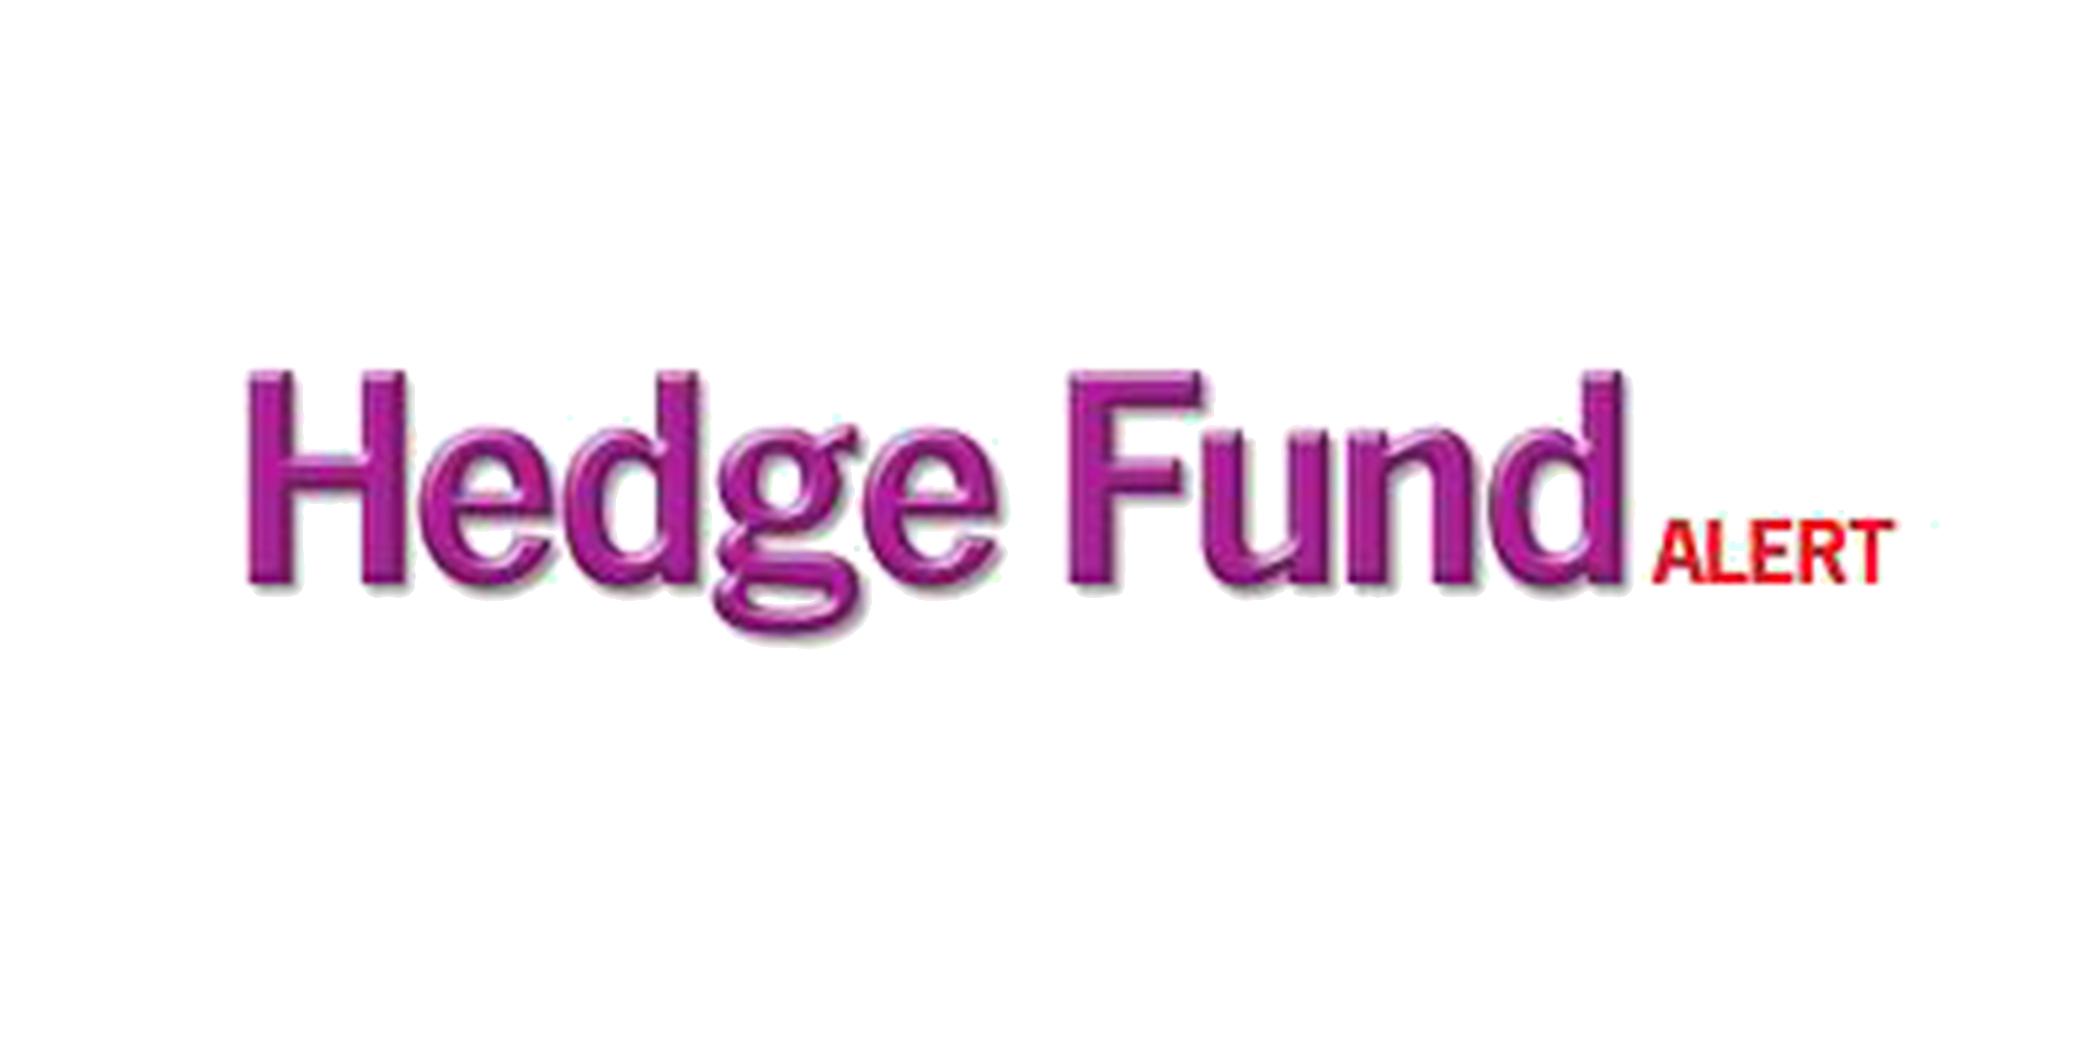 Hedgefundalert.png